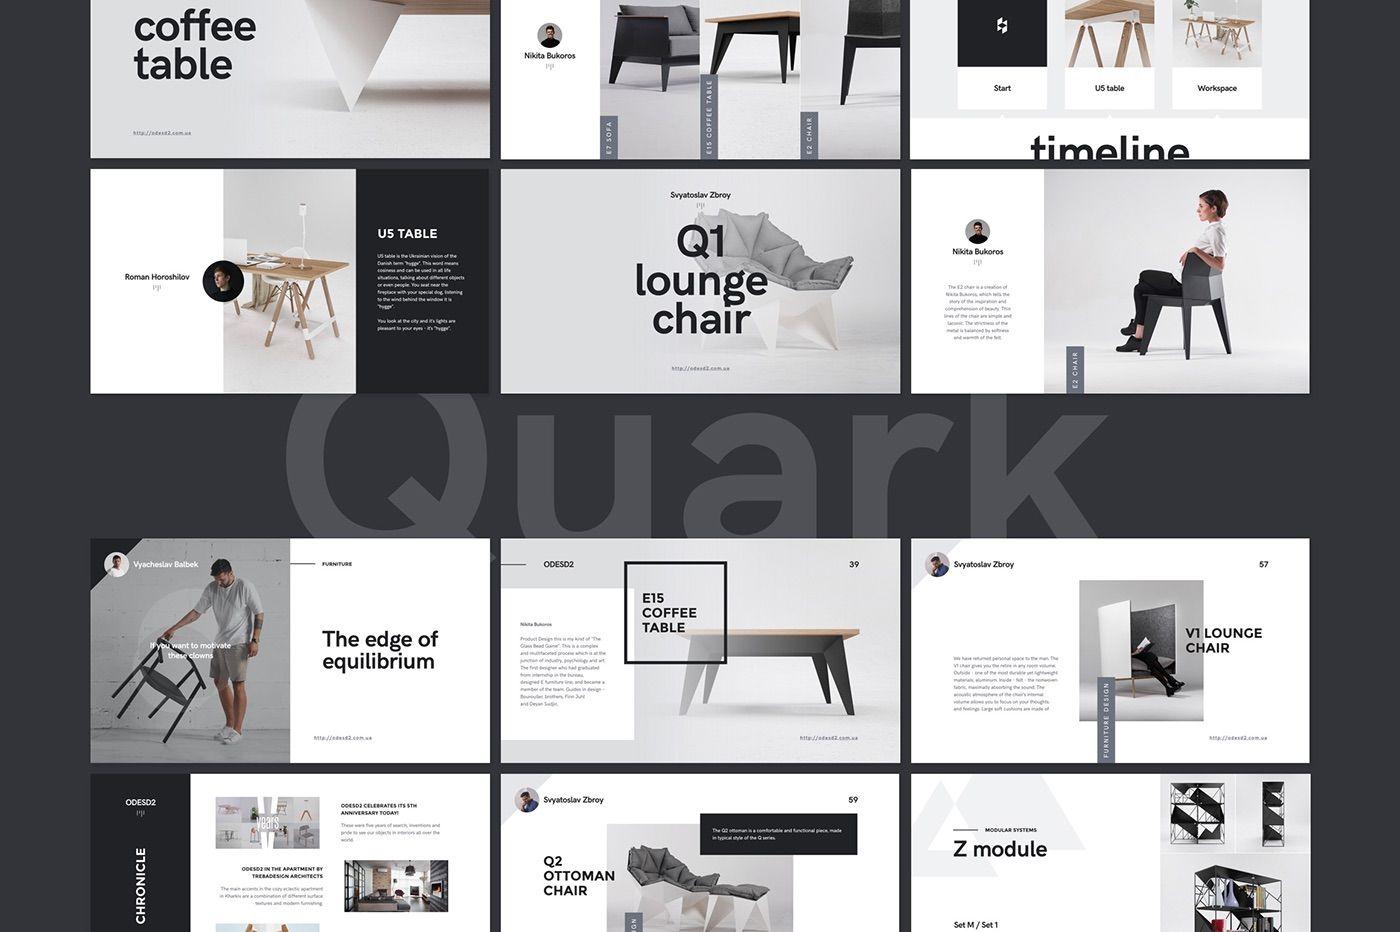 Quark #Keynote Presentation Template https://www.behance.net/gallery ...